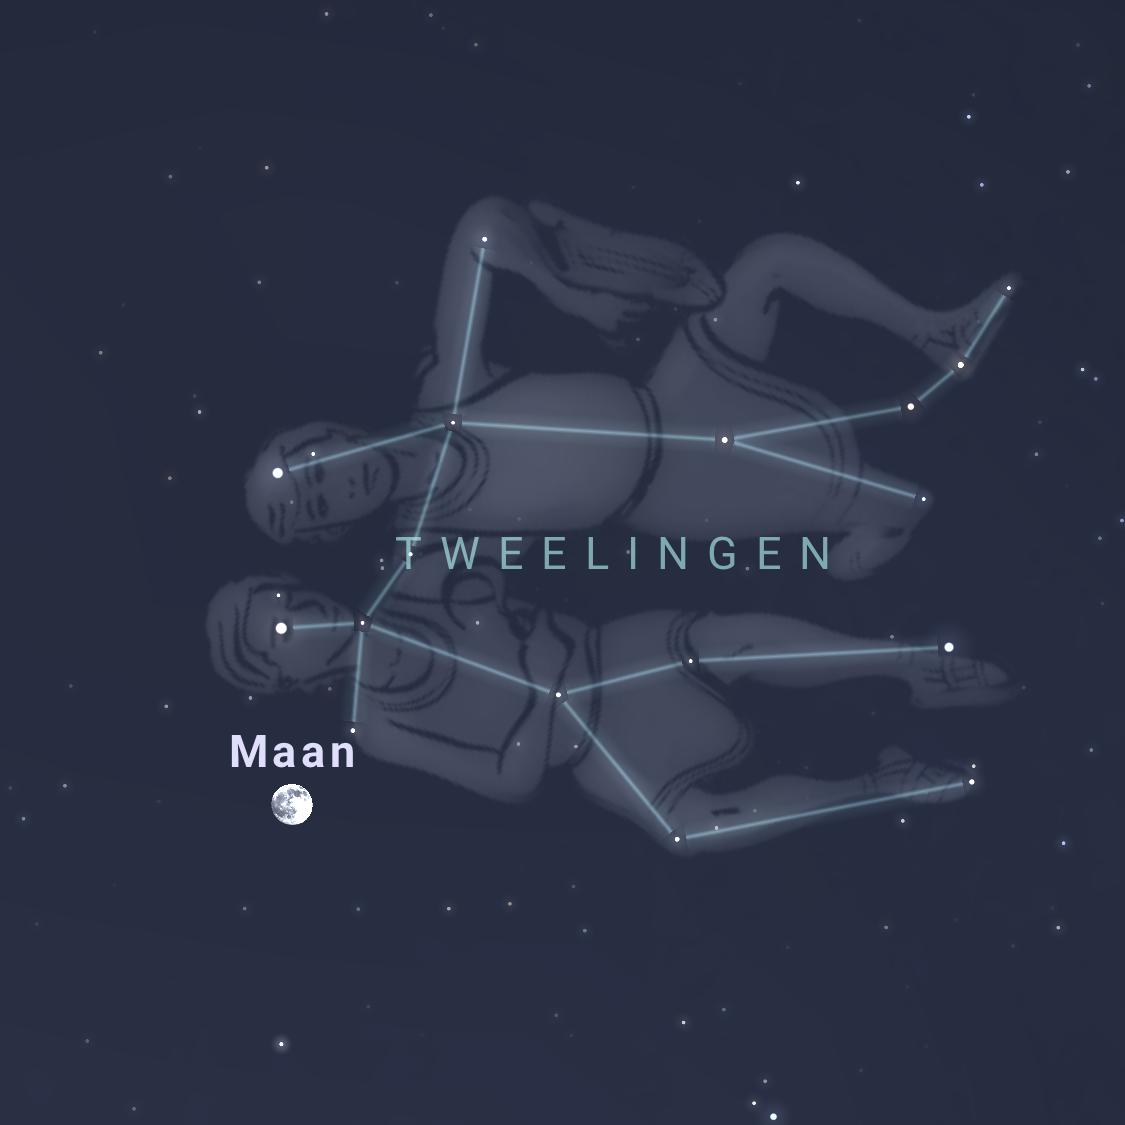 Sterrenkaartje Tweelingen en de maan